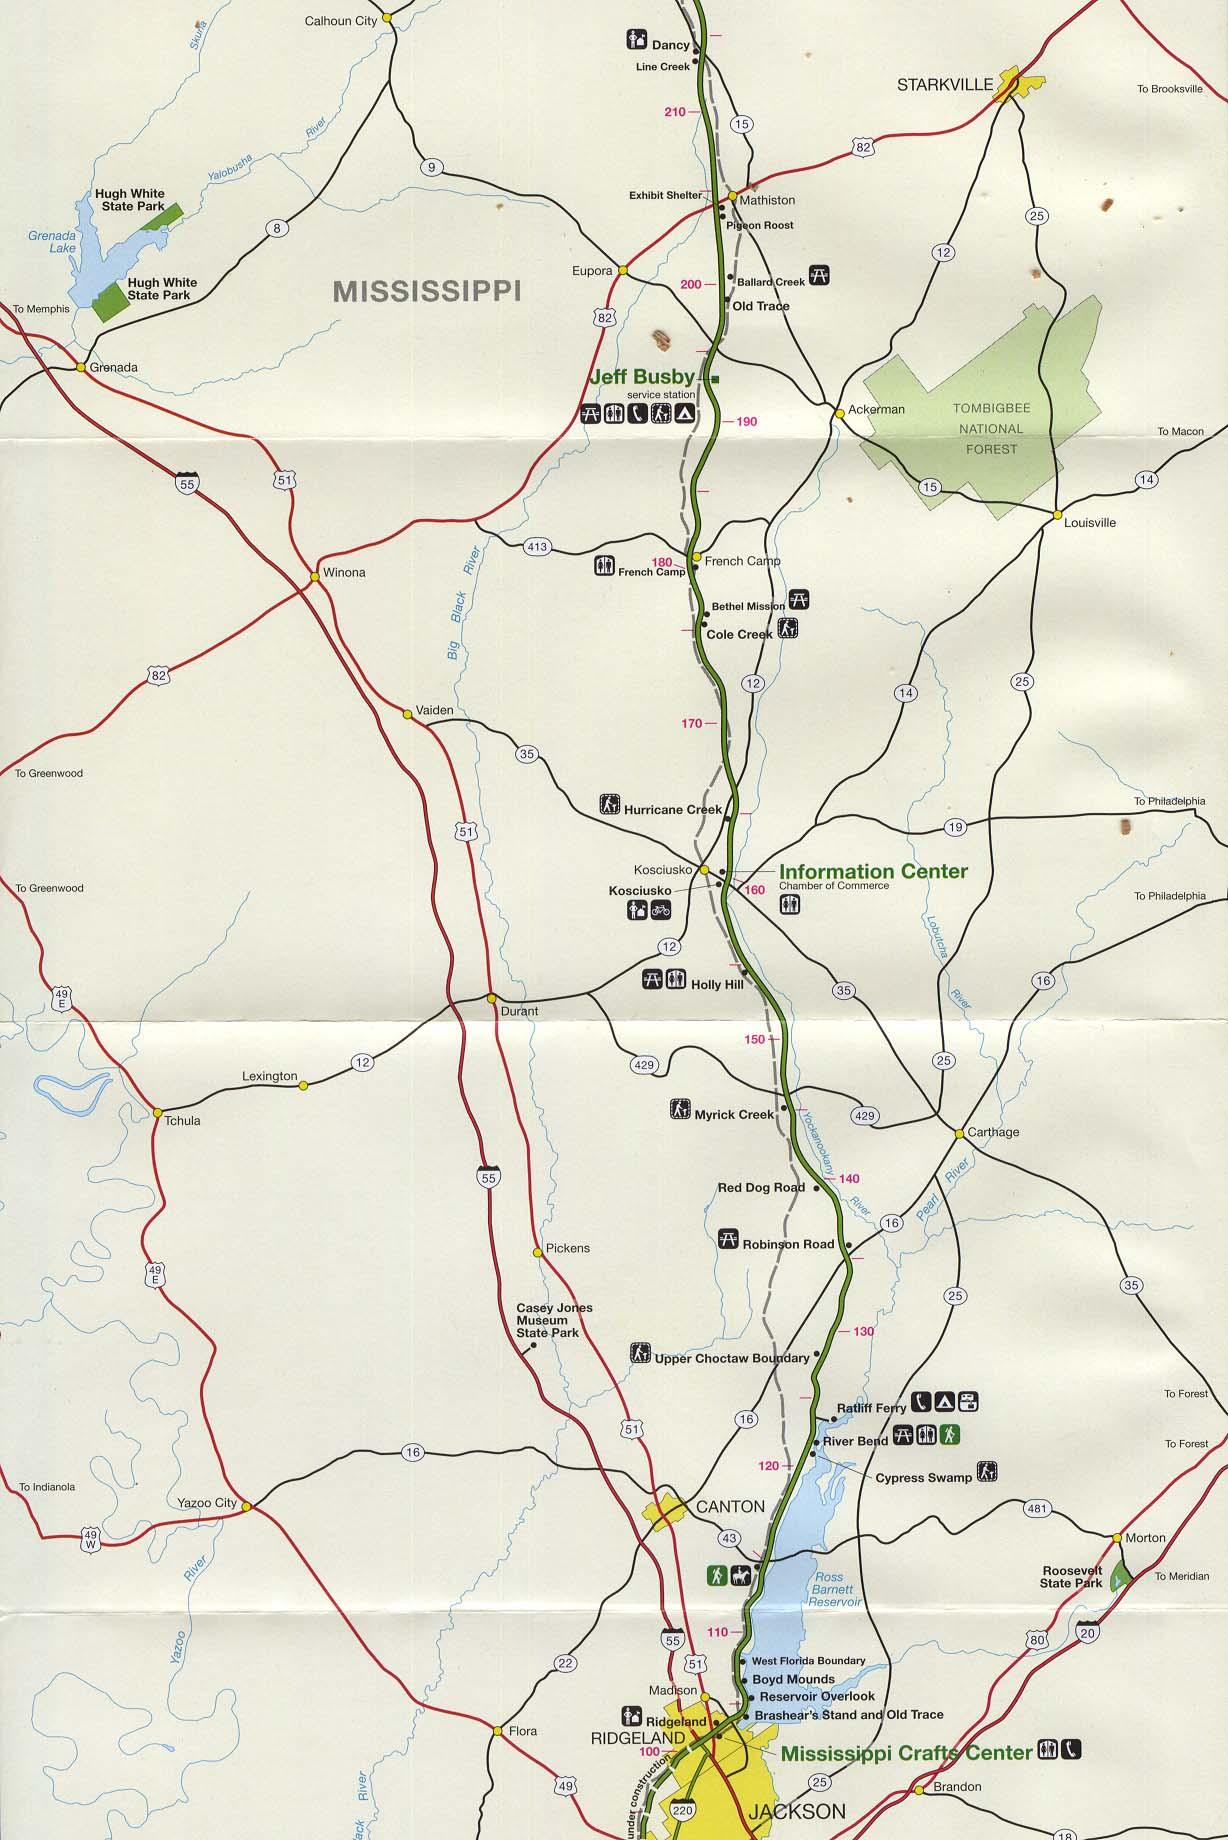 Mapa de la Ruta Escénica Nacional Natchez Trace Parkway Mapa, Misisipi, Alabama, y Tennessee, Estados Unidos